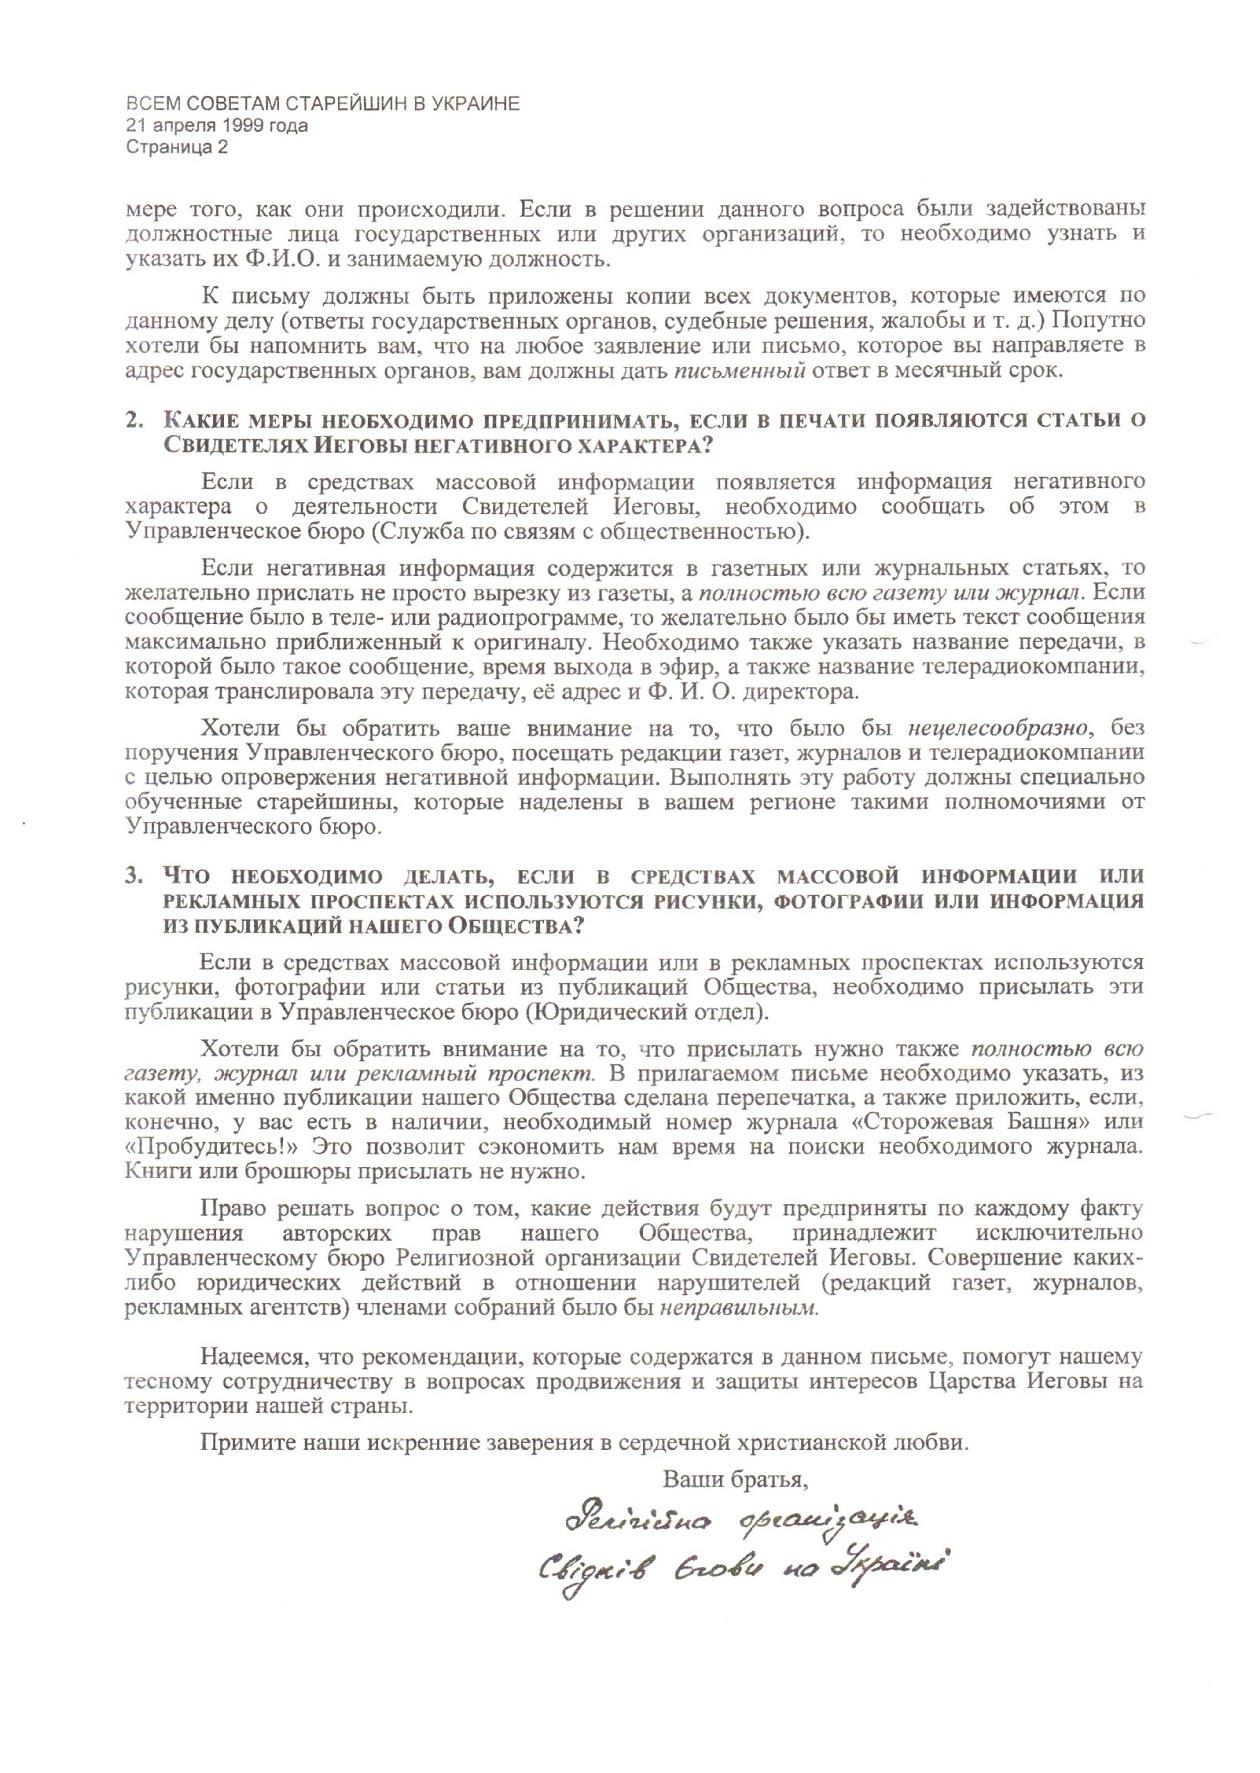 1999.04.21 (О негативных статьях в СМИ и авторских правах)_стр.2